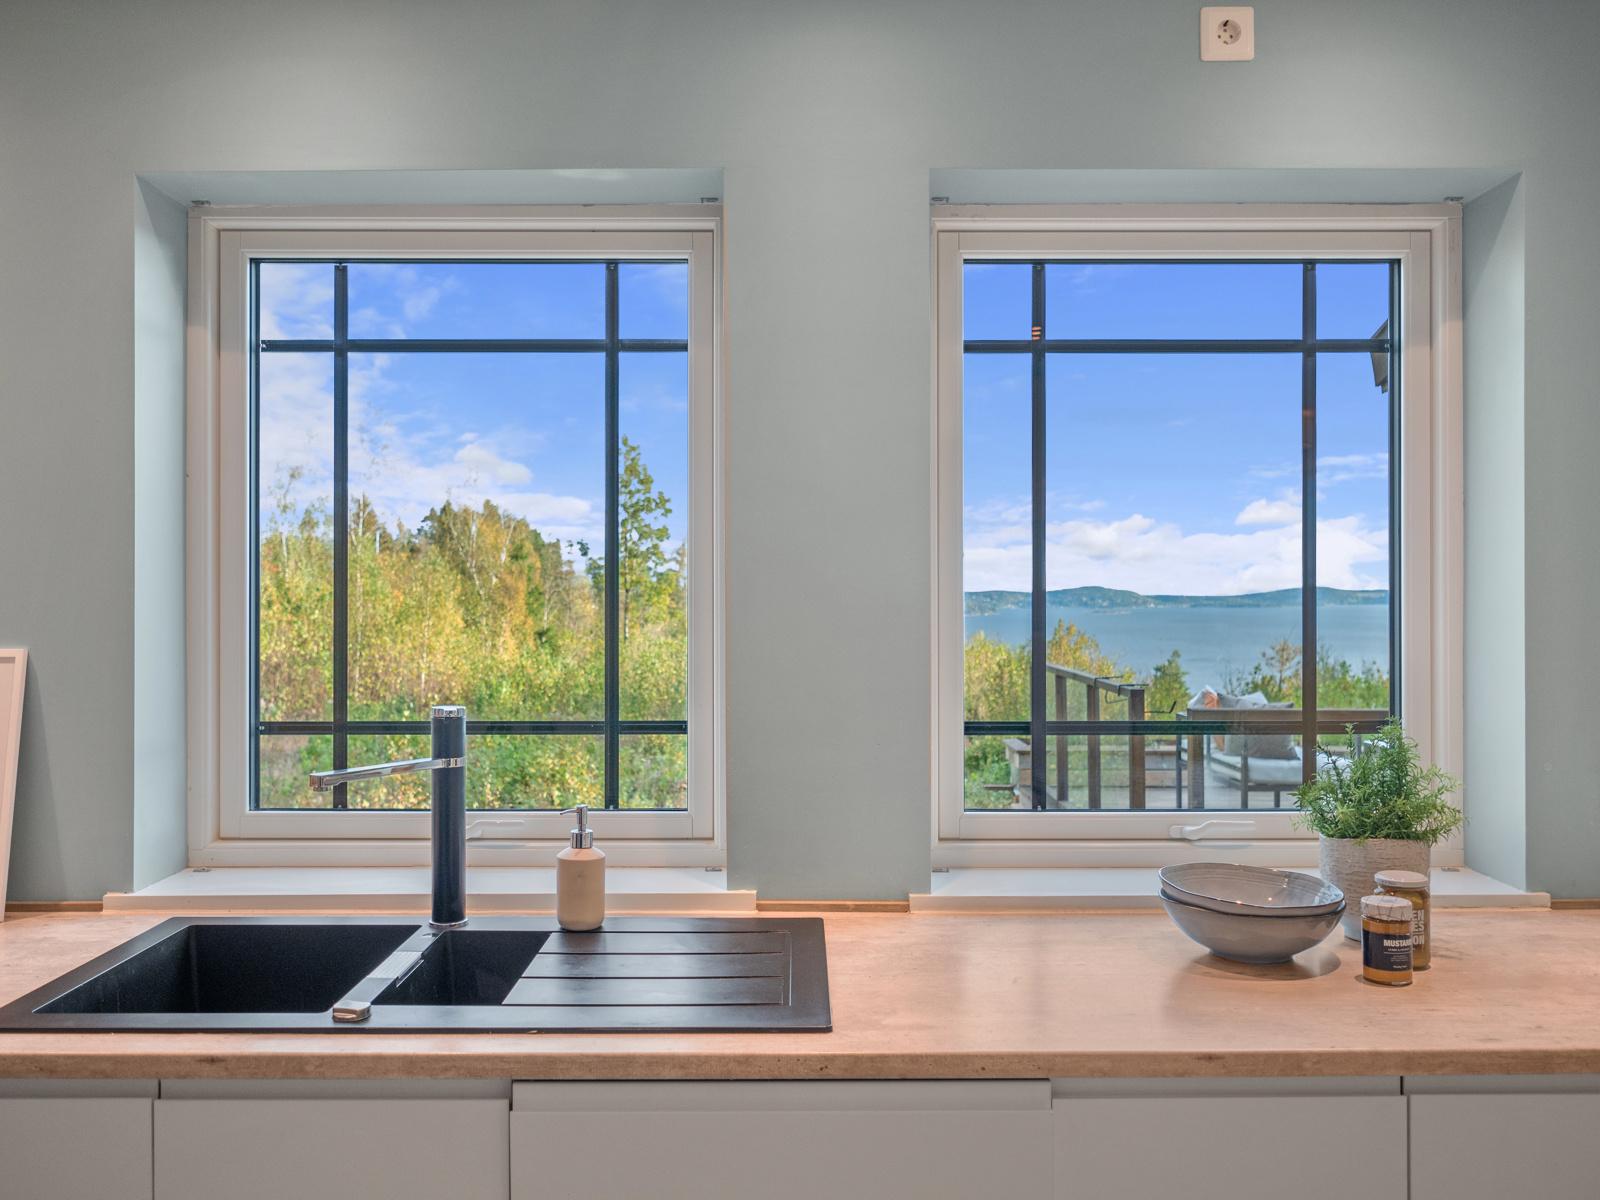 Fin utsikt fra kjøkkenvindu